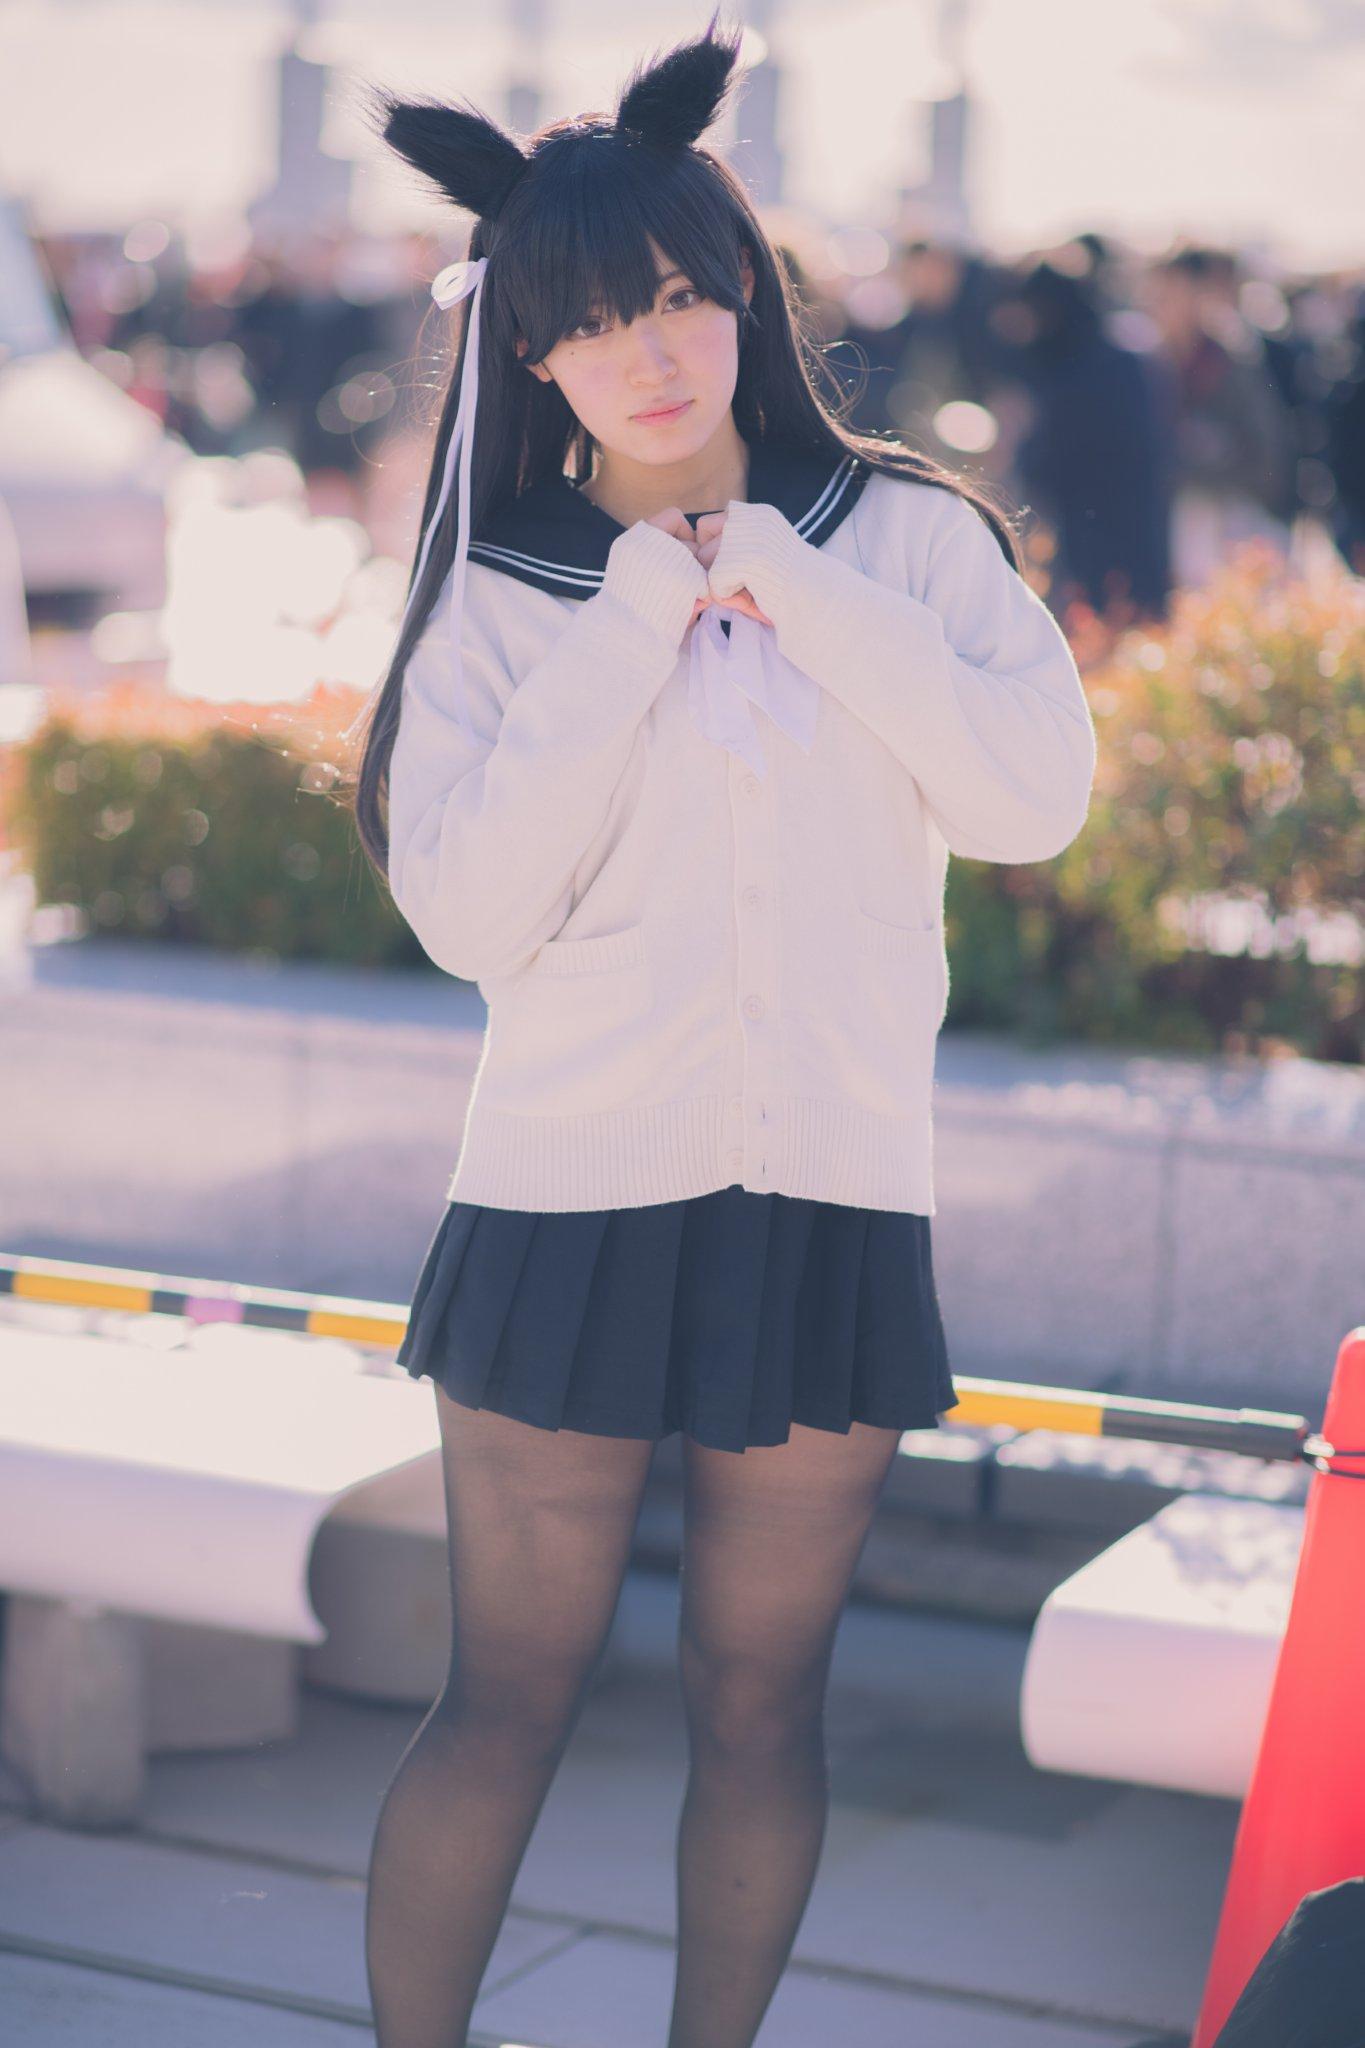 画像,コミケ二日目はアズレンの高尾と愛宕併せしてました〜!!素敵なお写真はらくのうさん(@anego_21)から頂きました(*´ー`*)(*´ー`*)#c95コスプレ…